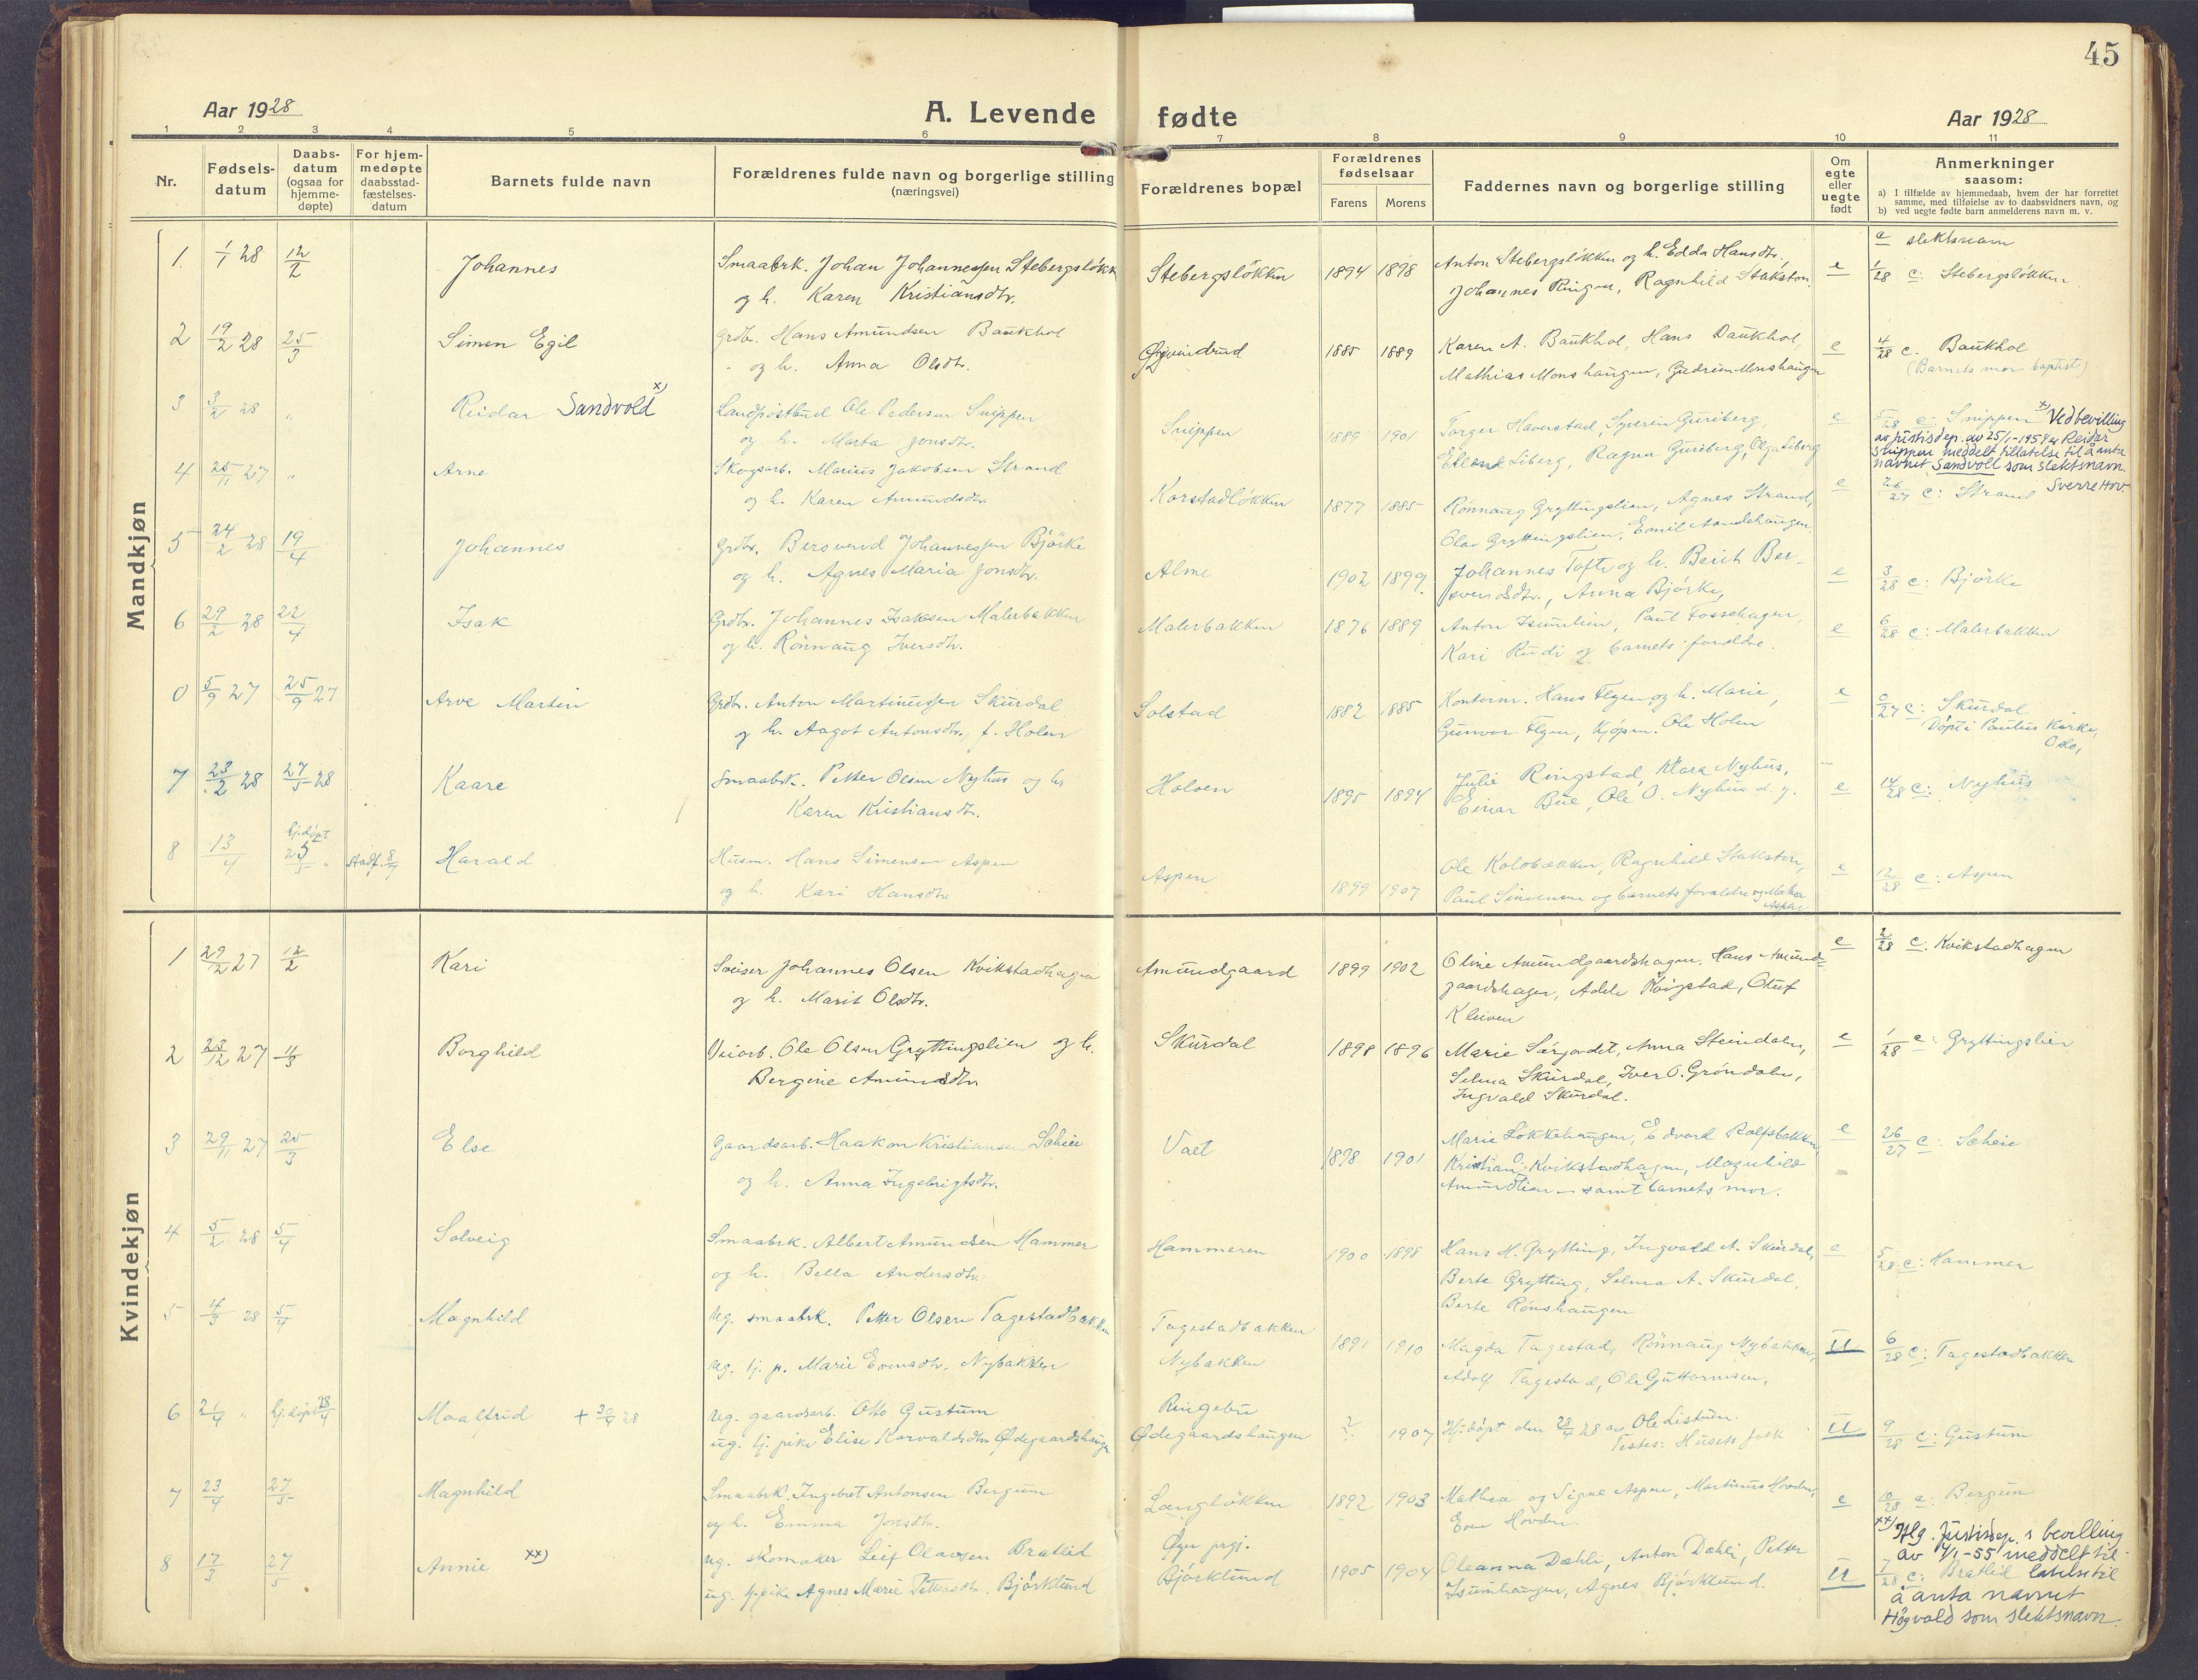 SAH, Sør-Fron prestekontor, H/Ha/Haa/L0005: Parish register (official) no. 5, 1920-1933, p. 45